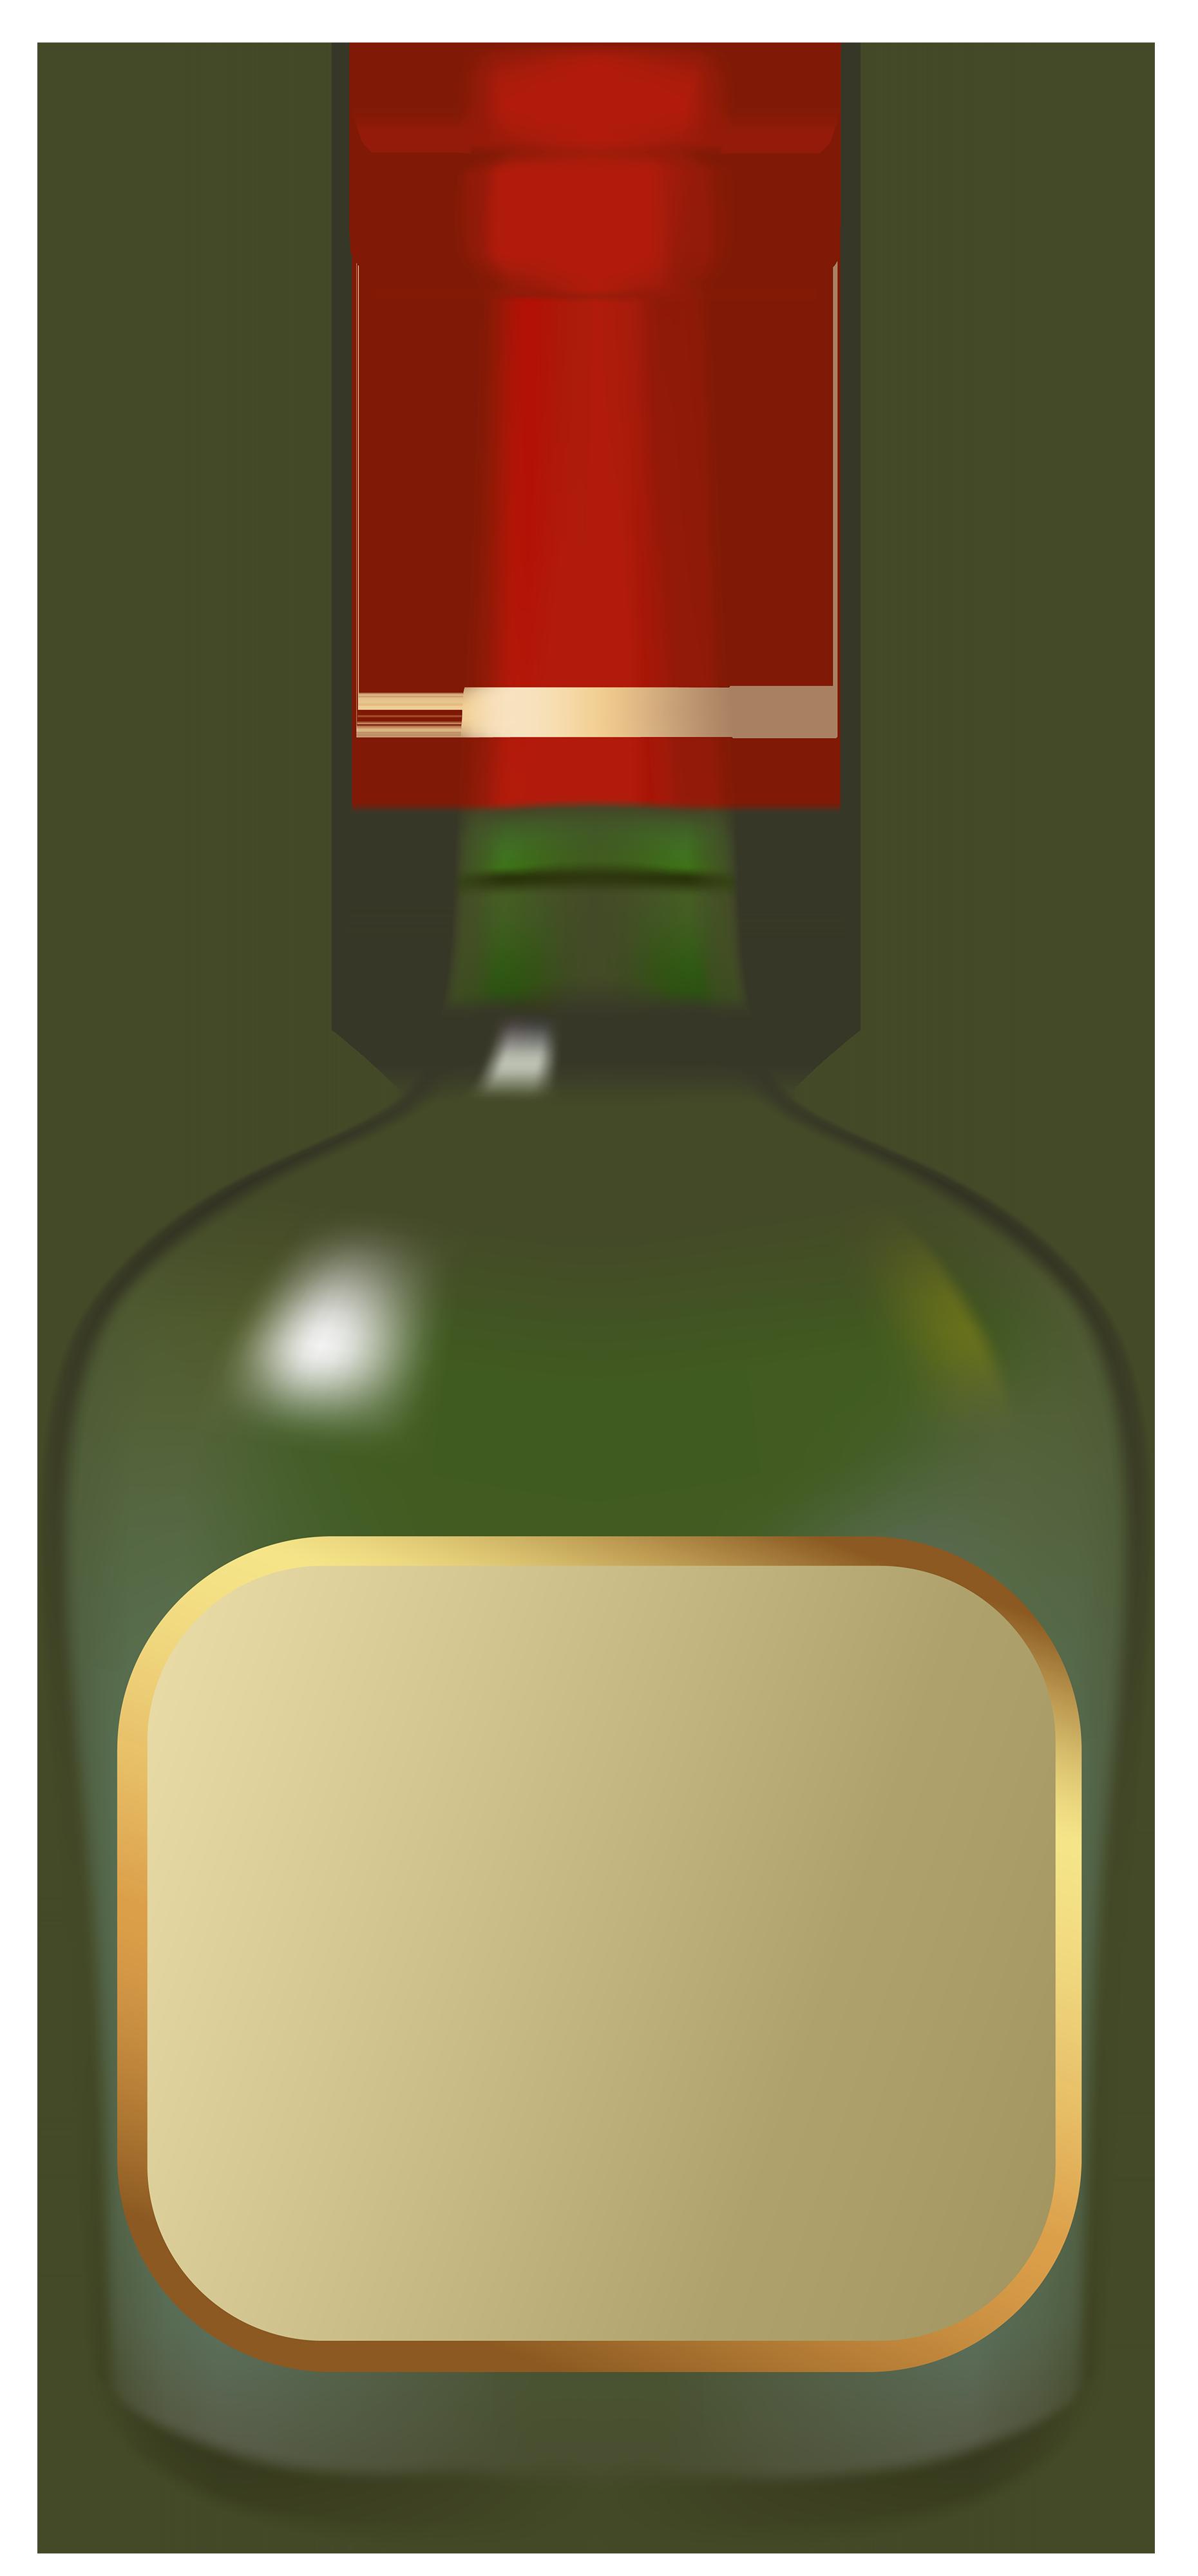 Liquor Bottle Vector